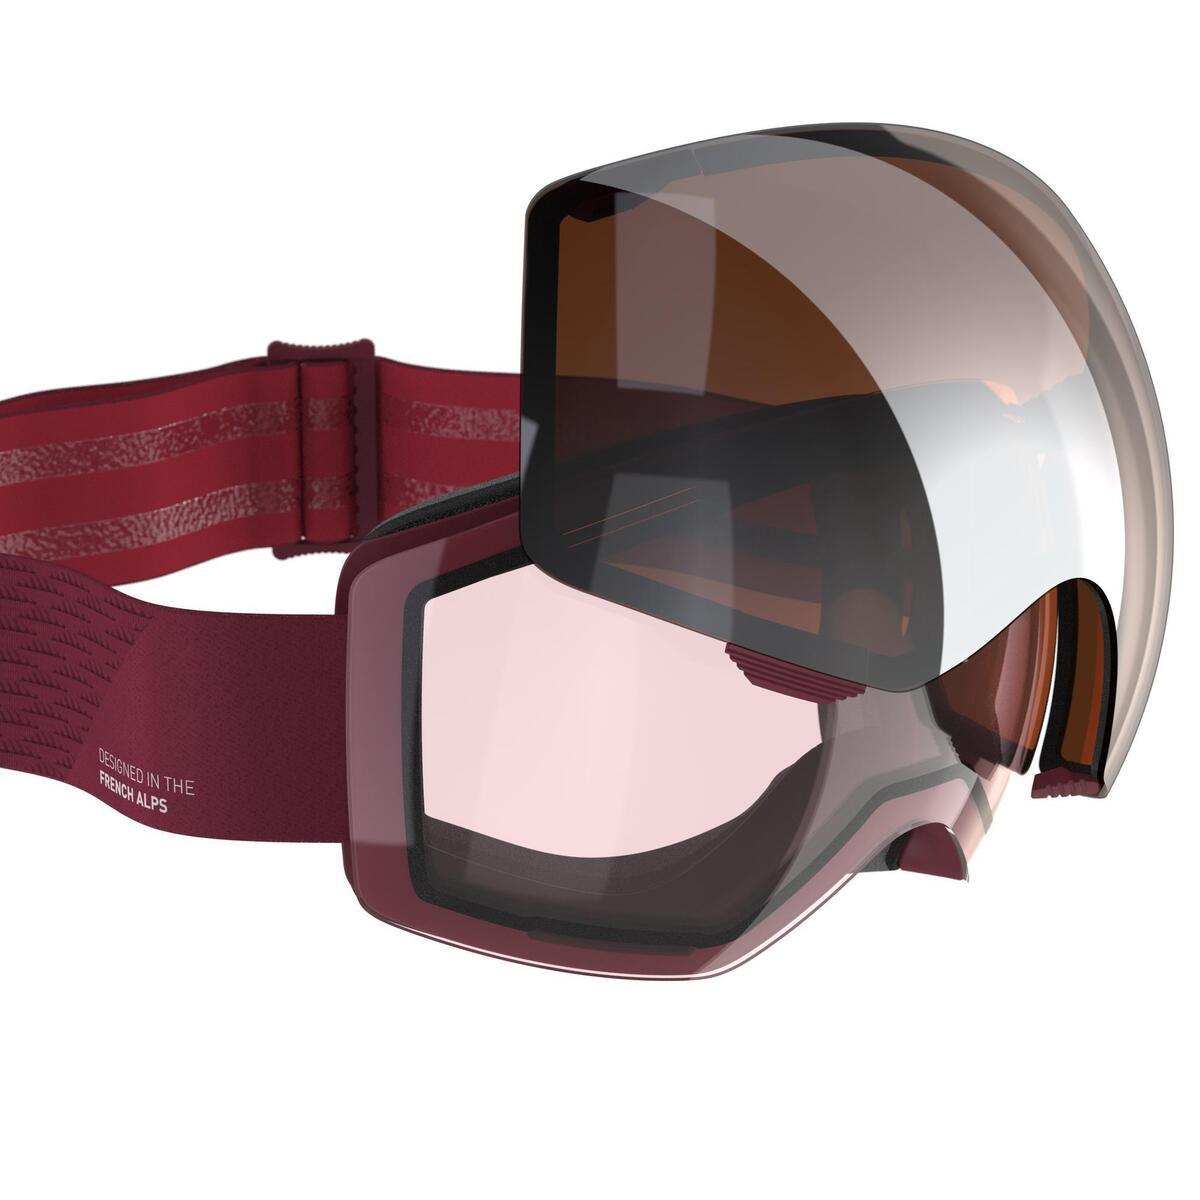 Bild 1 von Skibrille / Snowboardbrille G 520 I Erwachsene/Kinder rot